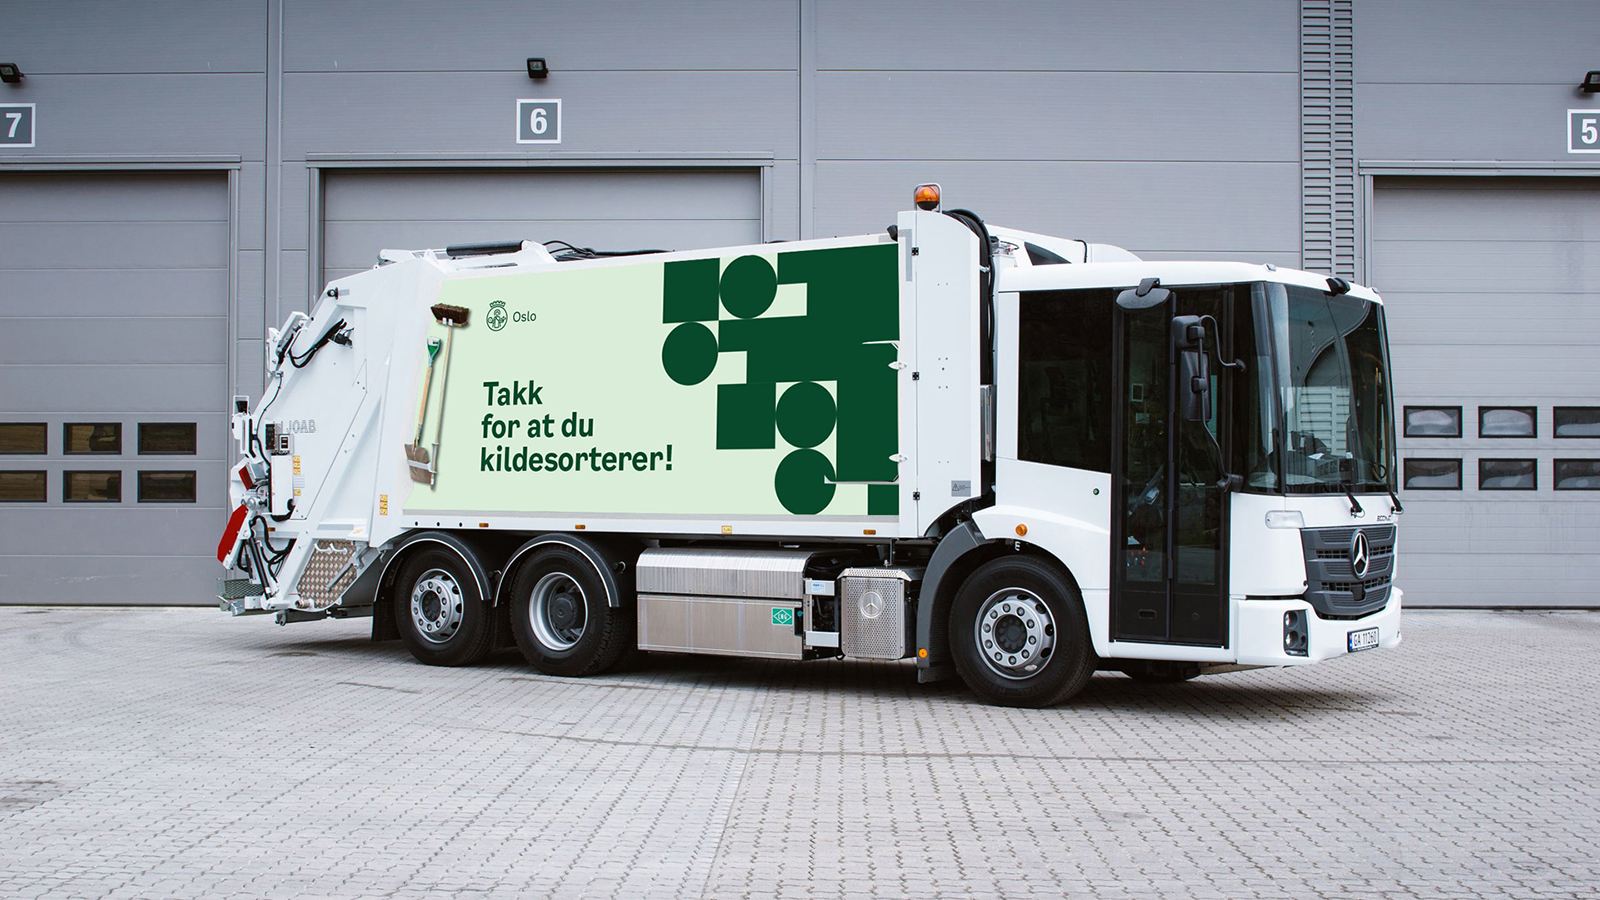 挪威Oslo奥斯陆城市更新全新的品牌logo和vi形象设计-深圳vi设计14